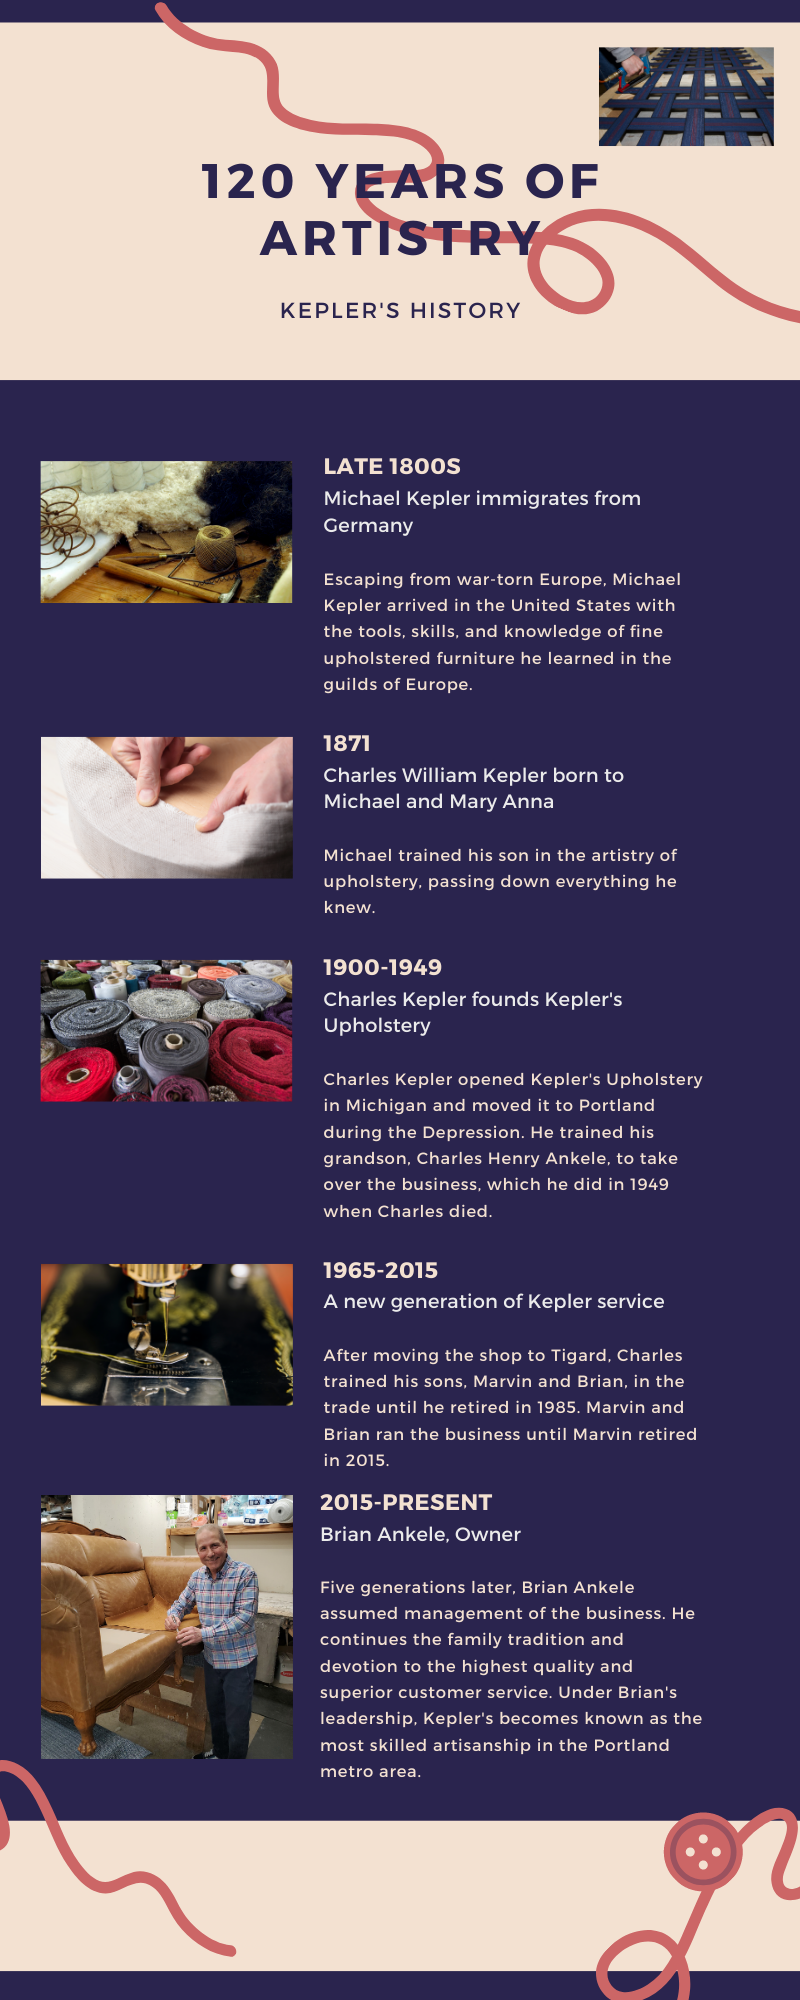 120 Years of Artistry, history of Kepler's Upholstery & Custom Furniture